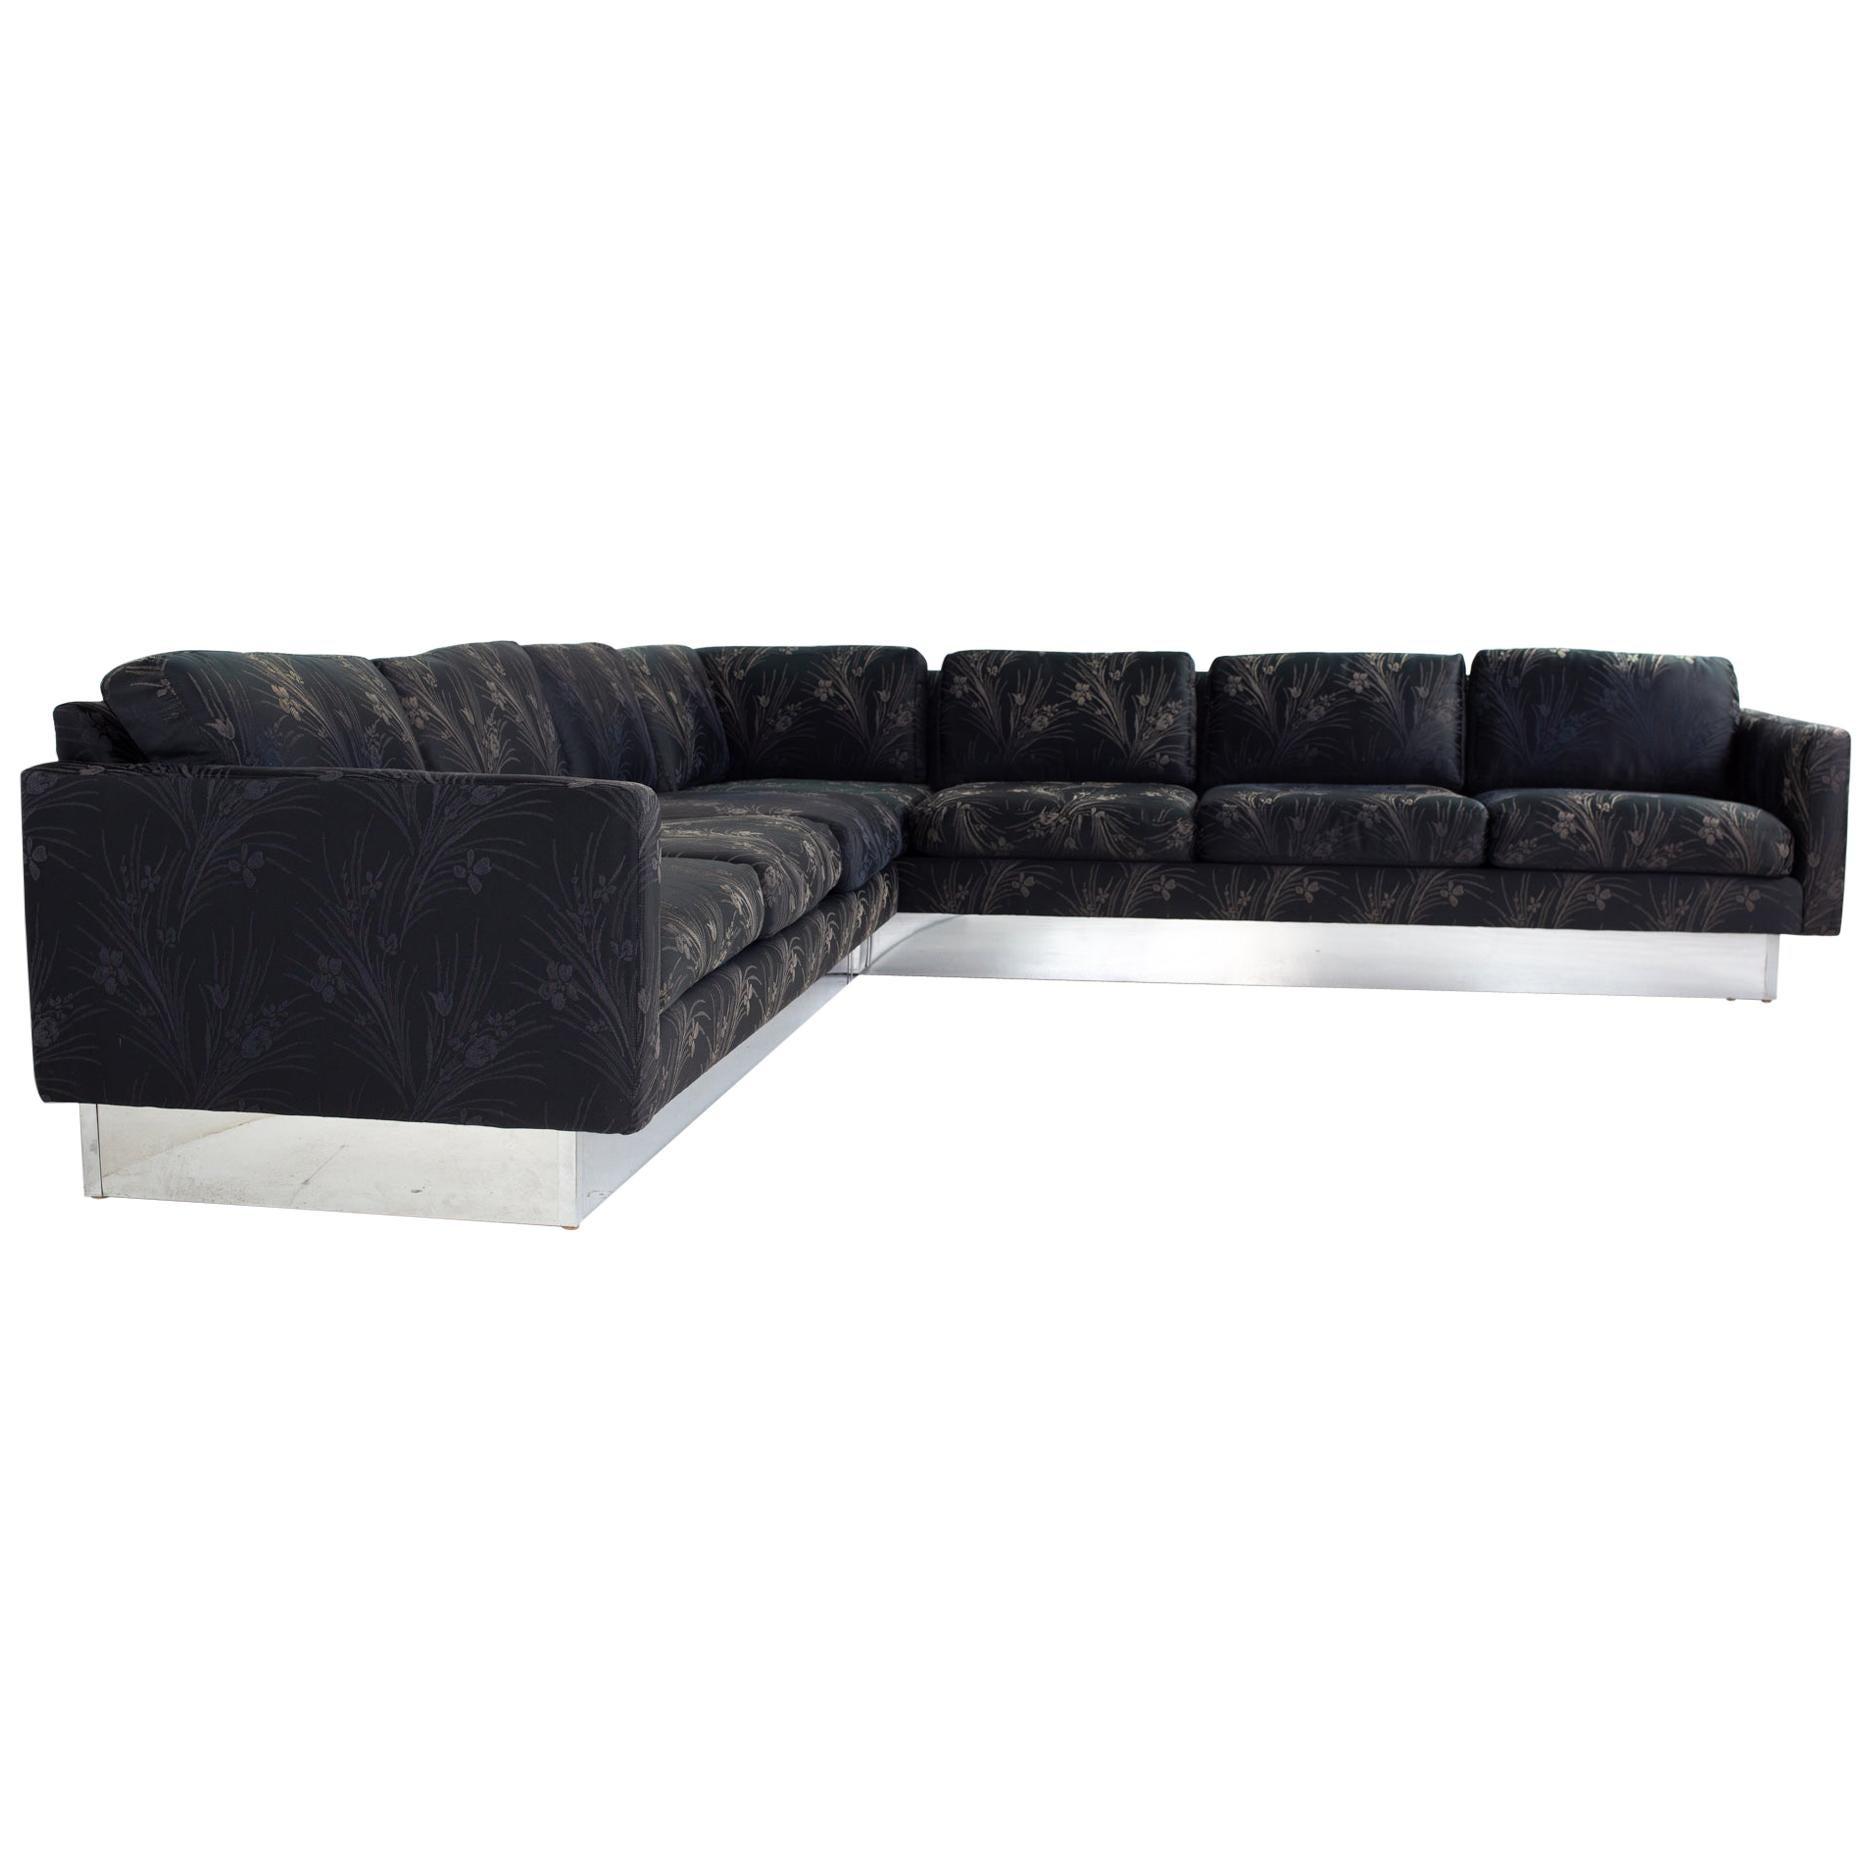 Milo Baughman Mid Century Chrome Base Sectional Sofa